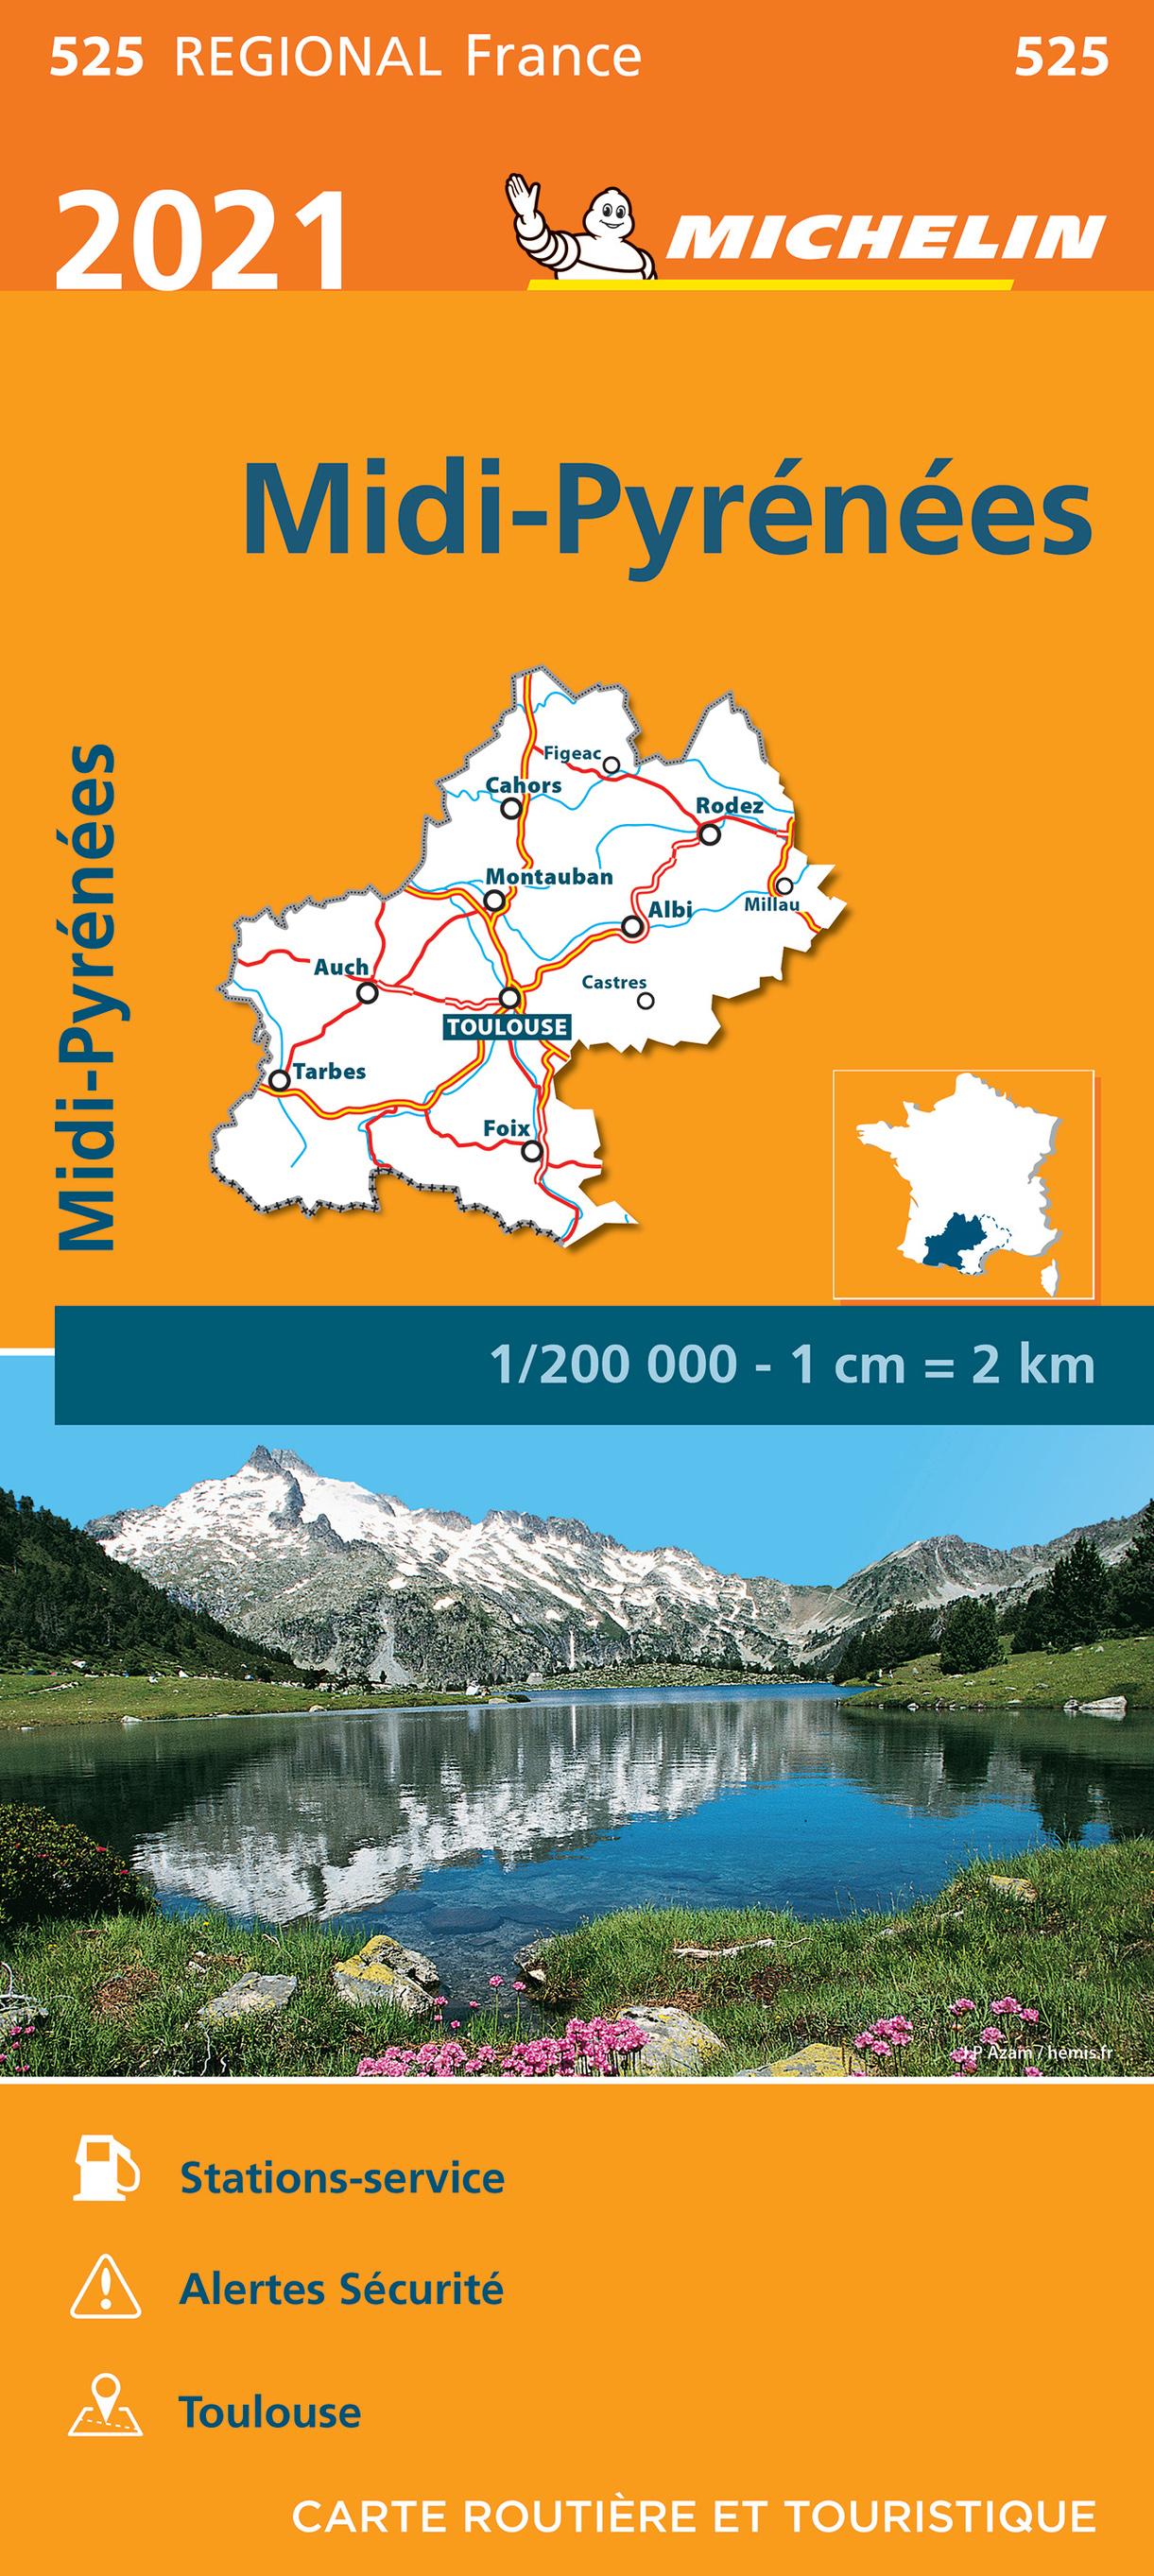 525 Midi-Pyrénées | Michelin  wegenkaart, autokaart 1:200.000 9782067249783  Michelin Regionale kaarten  Landkaarten en wegenkaarten Franse Pyreneeën